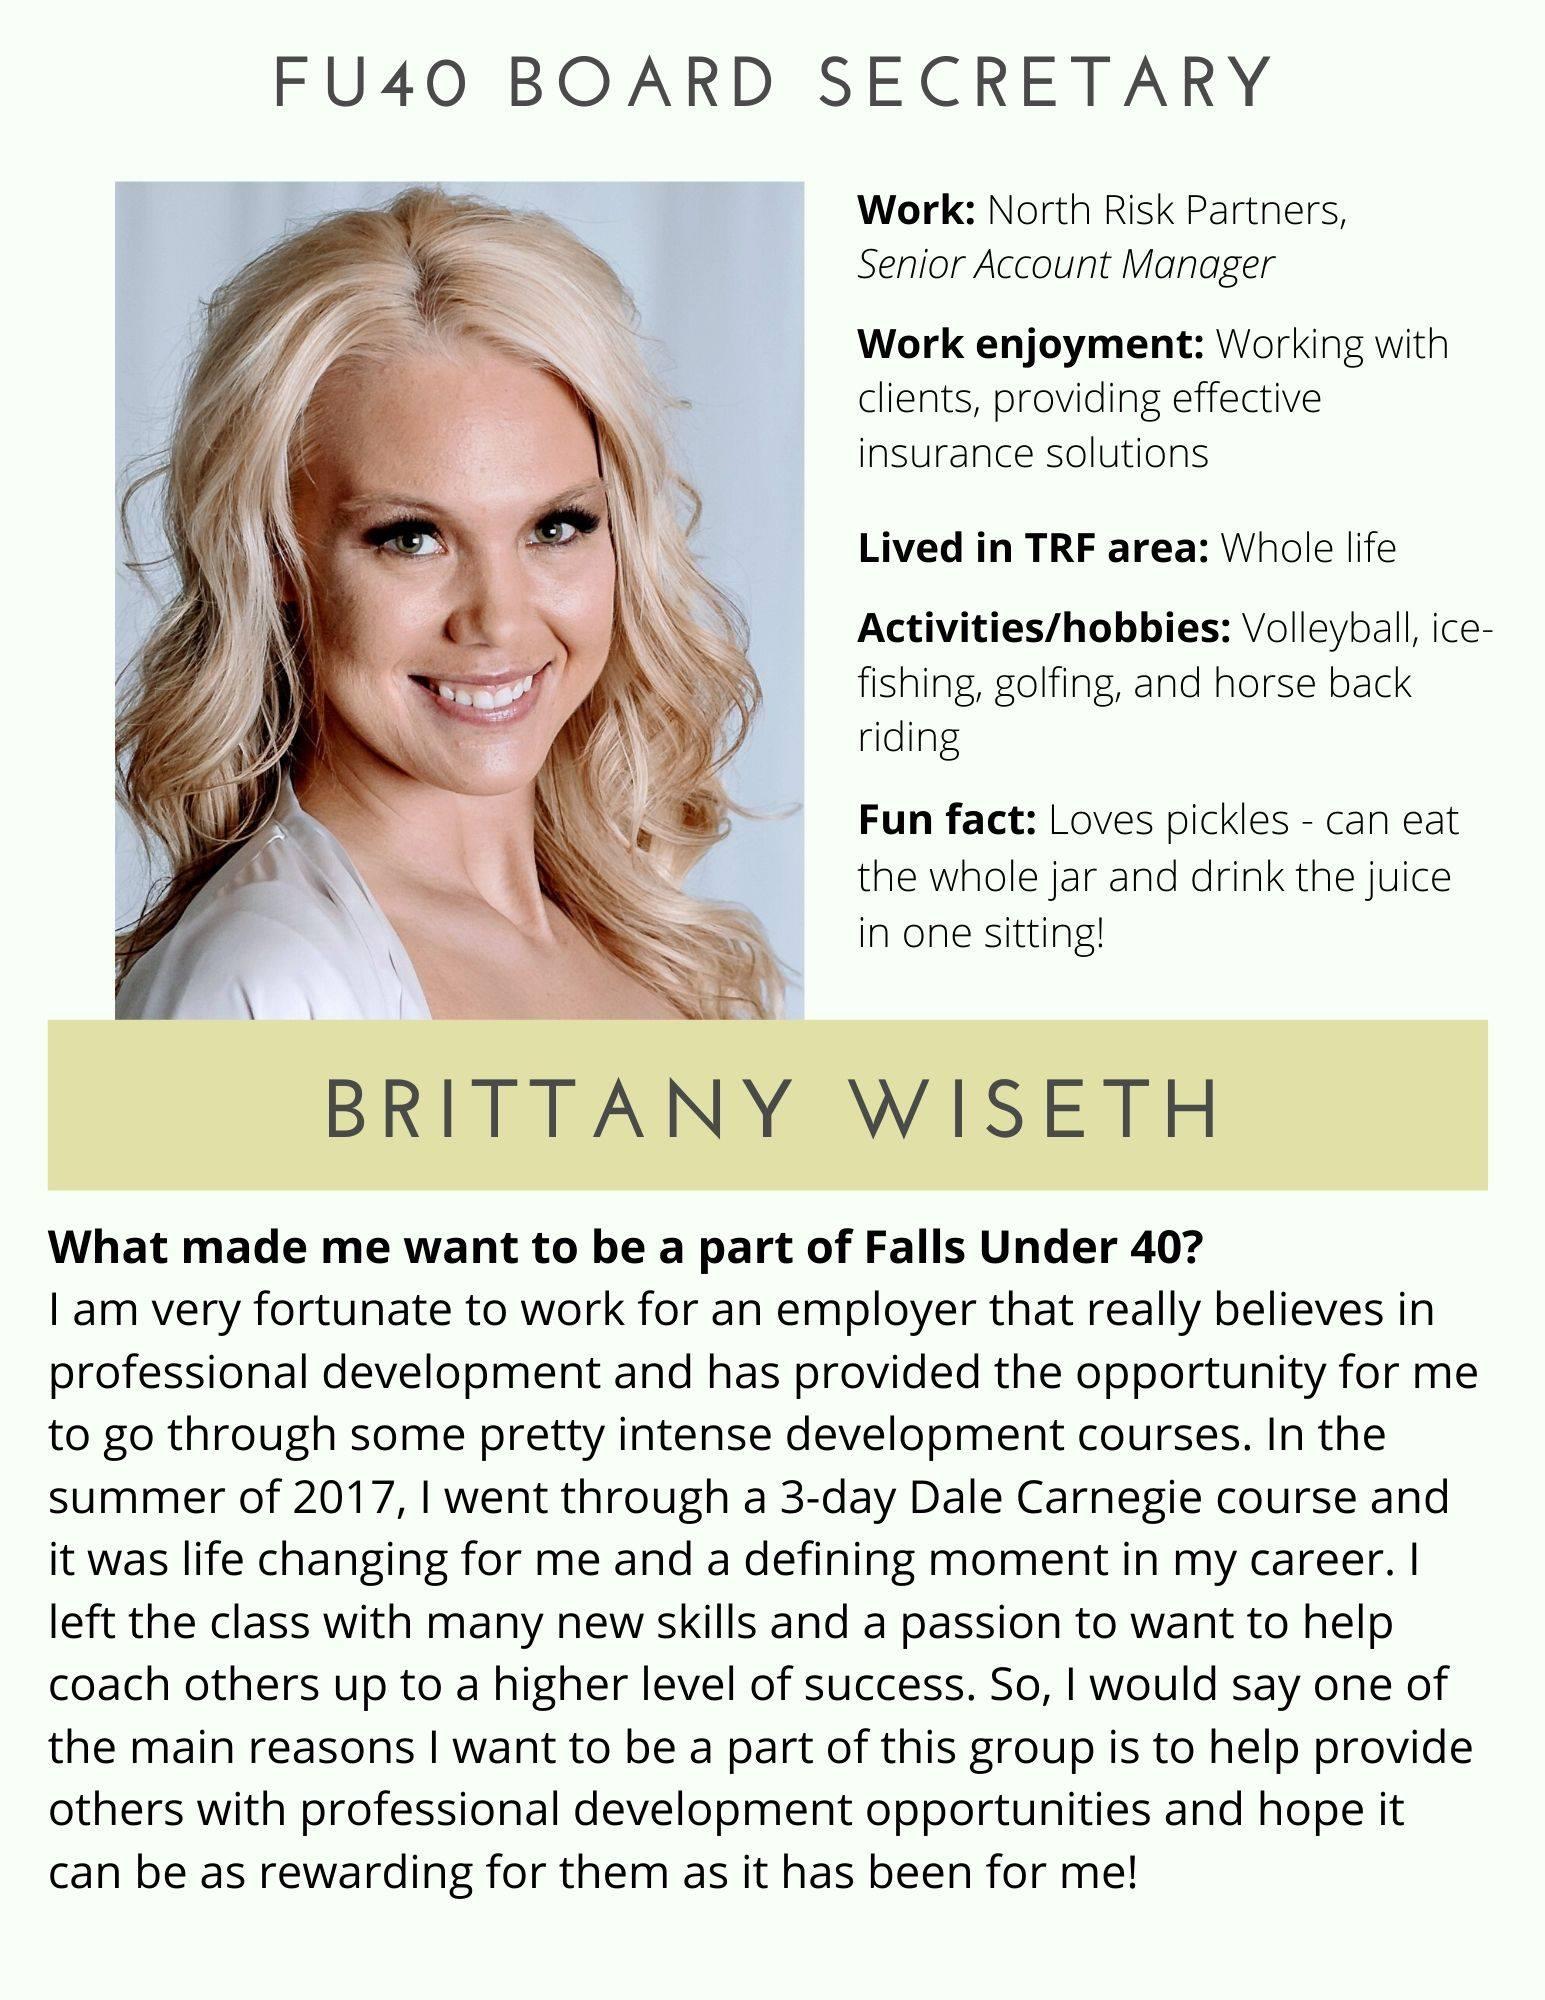 Brittany-Wiseth.jpg